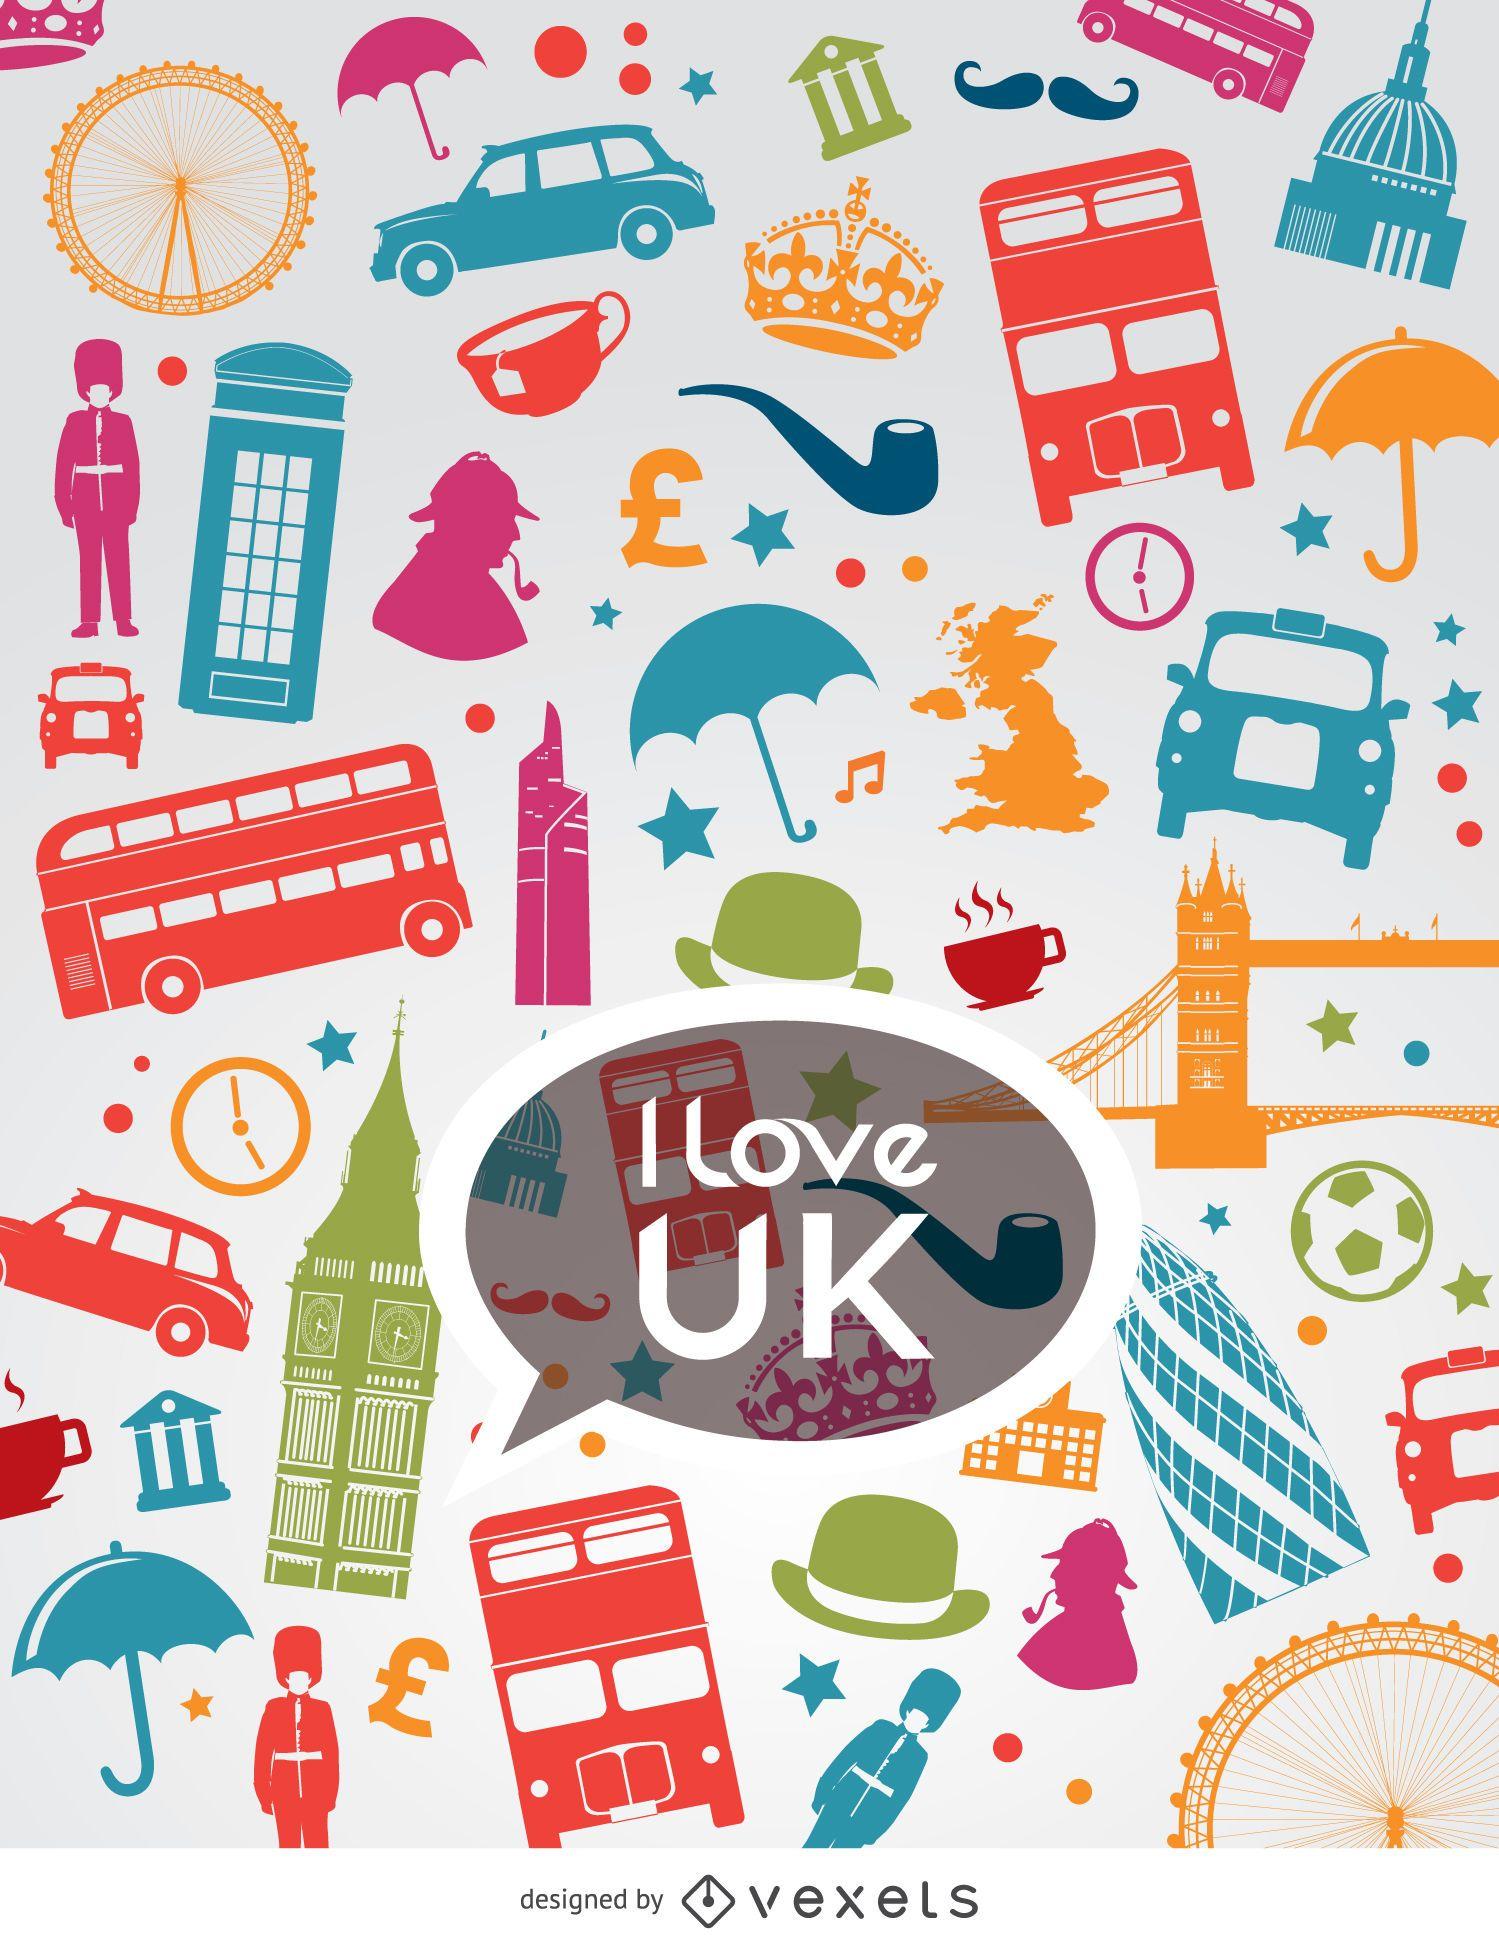 Ich liebe britische Komposition